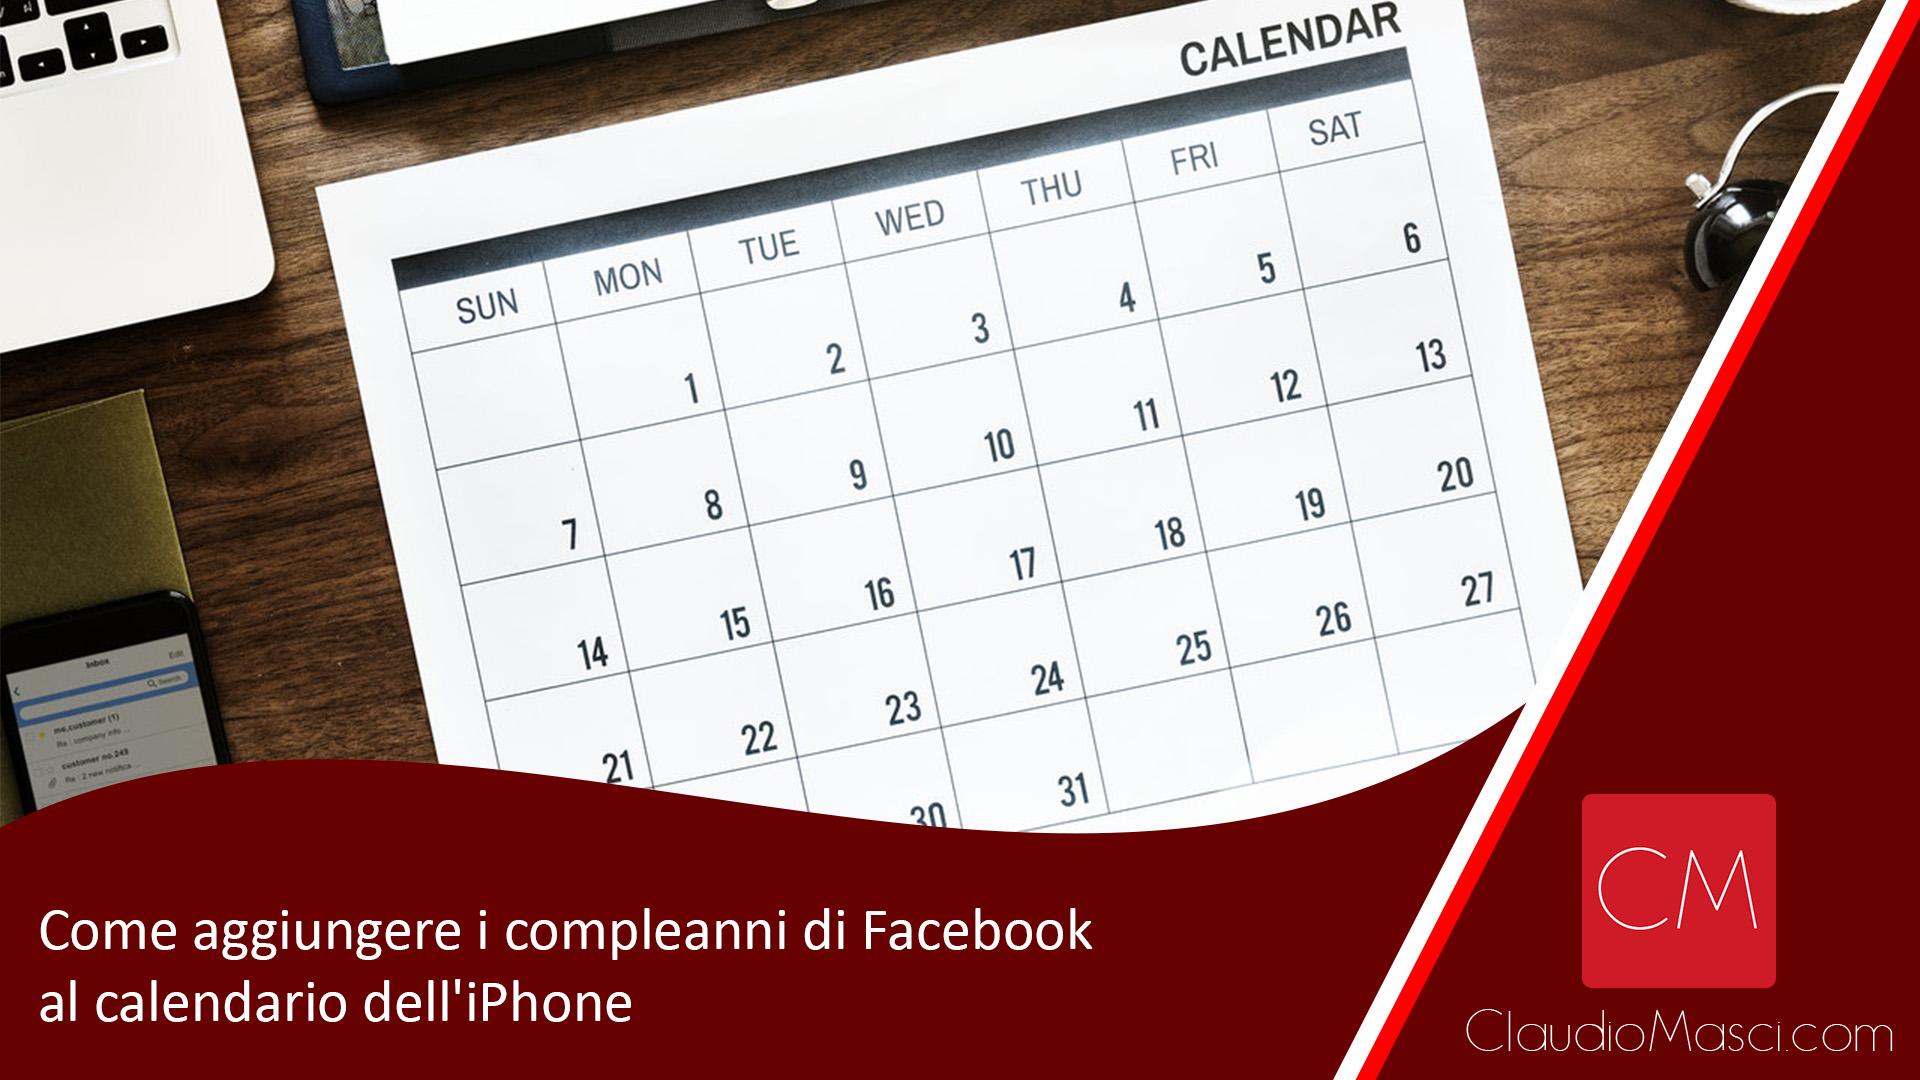 Come aggiungere i compleanni di Facebook al calendario dell'iPhone